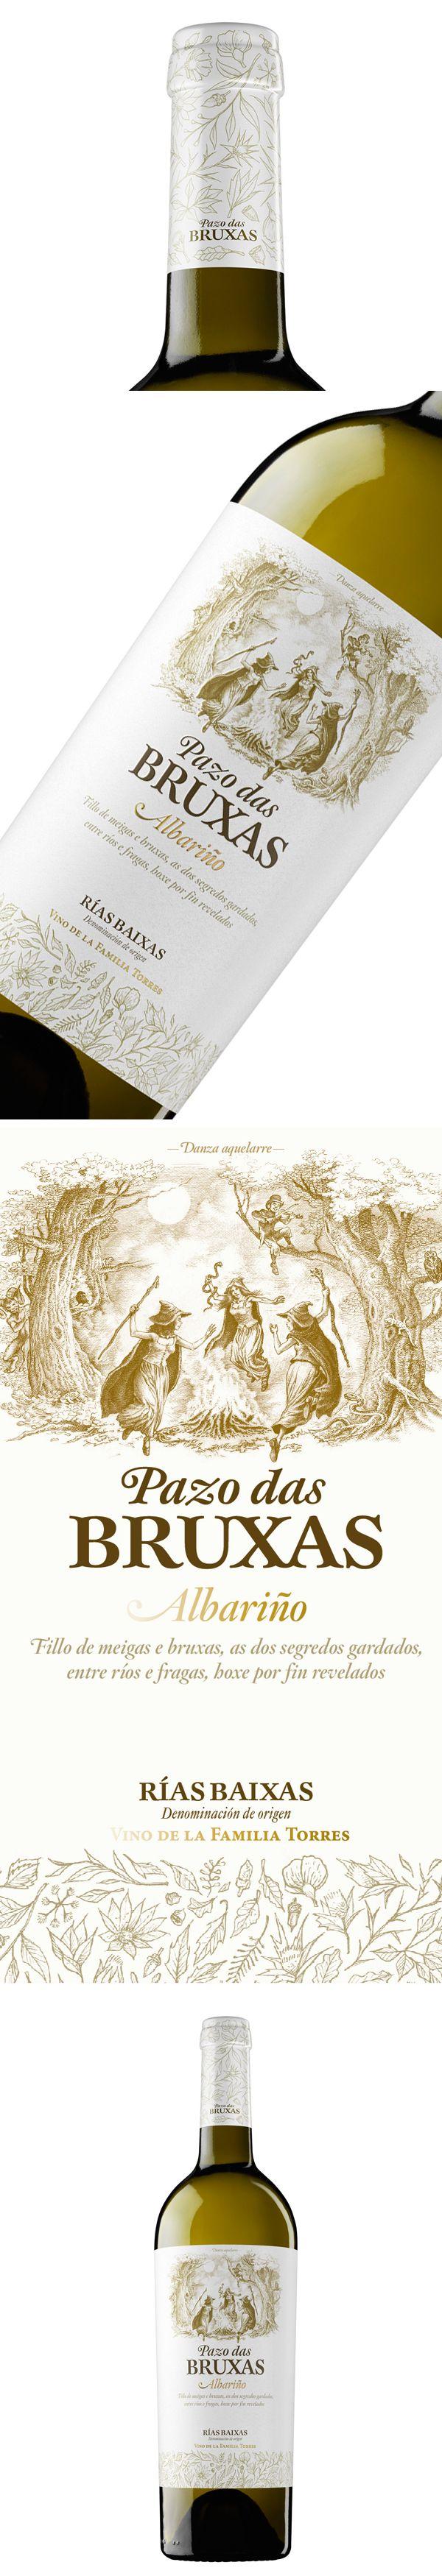 La última apuesta de Bodegas Torres es Pazo das Bruxas, un albariño premium elaborado en Galicia con Denominación de Origen Rías Baixas.  Este vino es un homenaje a la tradición y a la naturaleza de Galicia, tierra de grandes bosques habitados por meigas o brujas gallegas y seres mágicos.  Las cepas de albariño que dan vida a Pazo das Bruxas son el mejor fruto de esta tierra. Por ello, el diseño de la nueva botella es sobrio y elegante. wine / vinho / vino PD